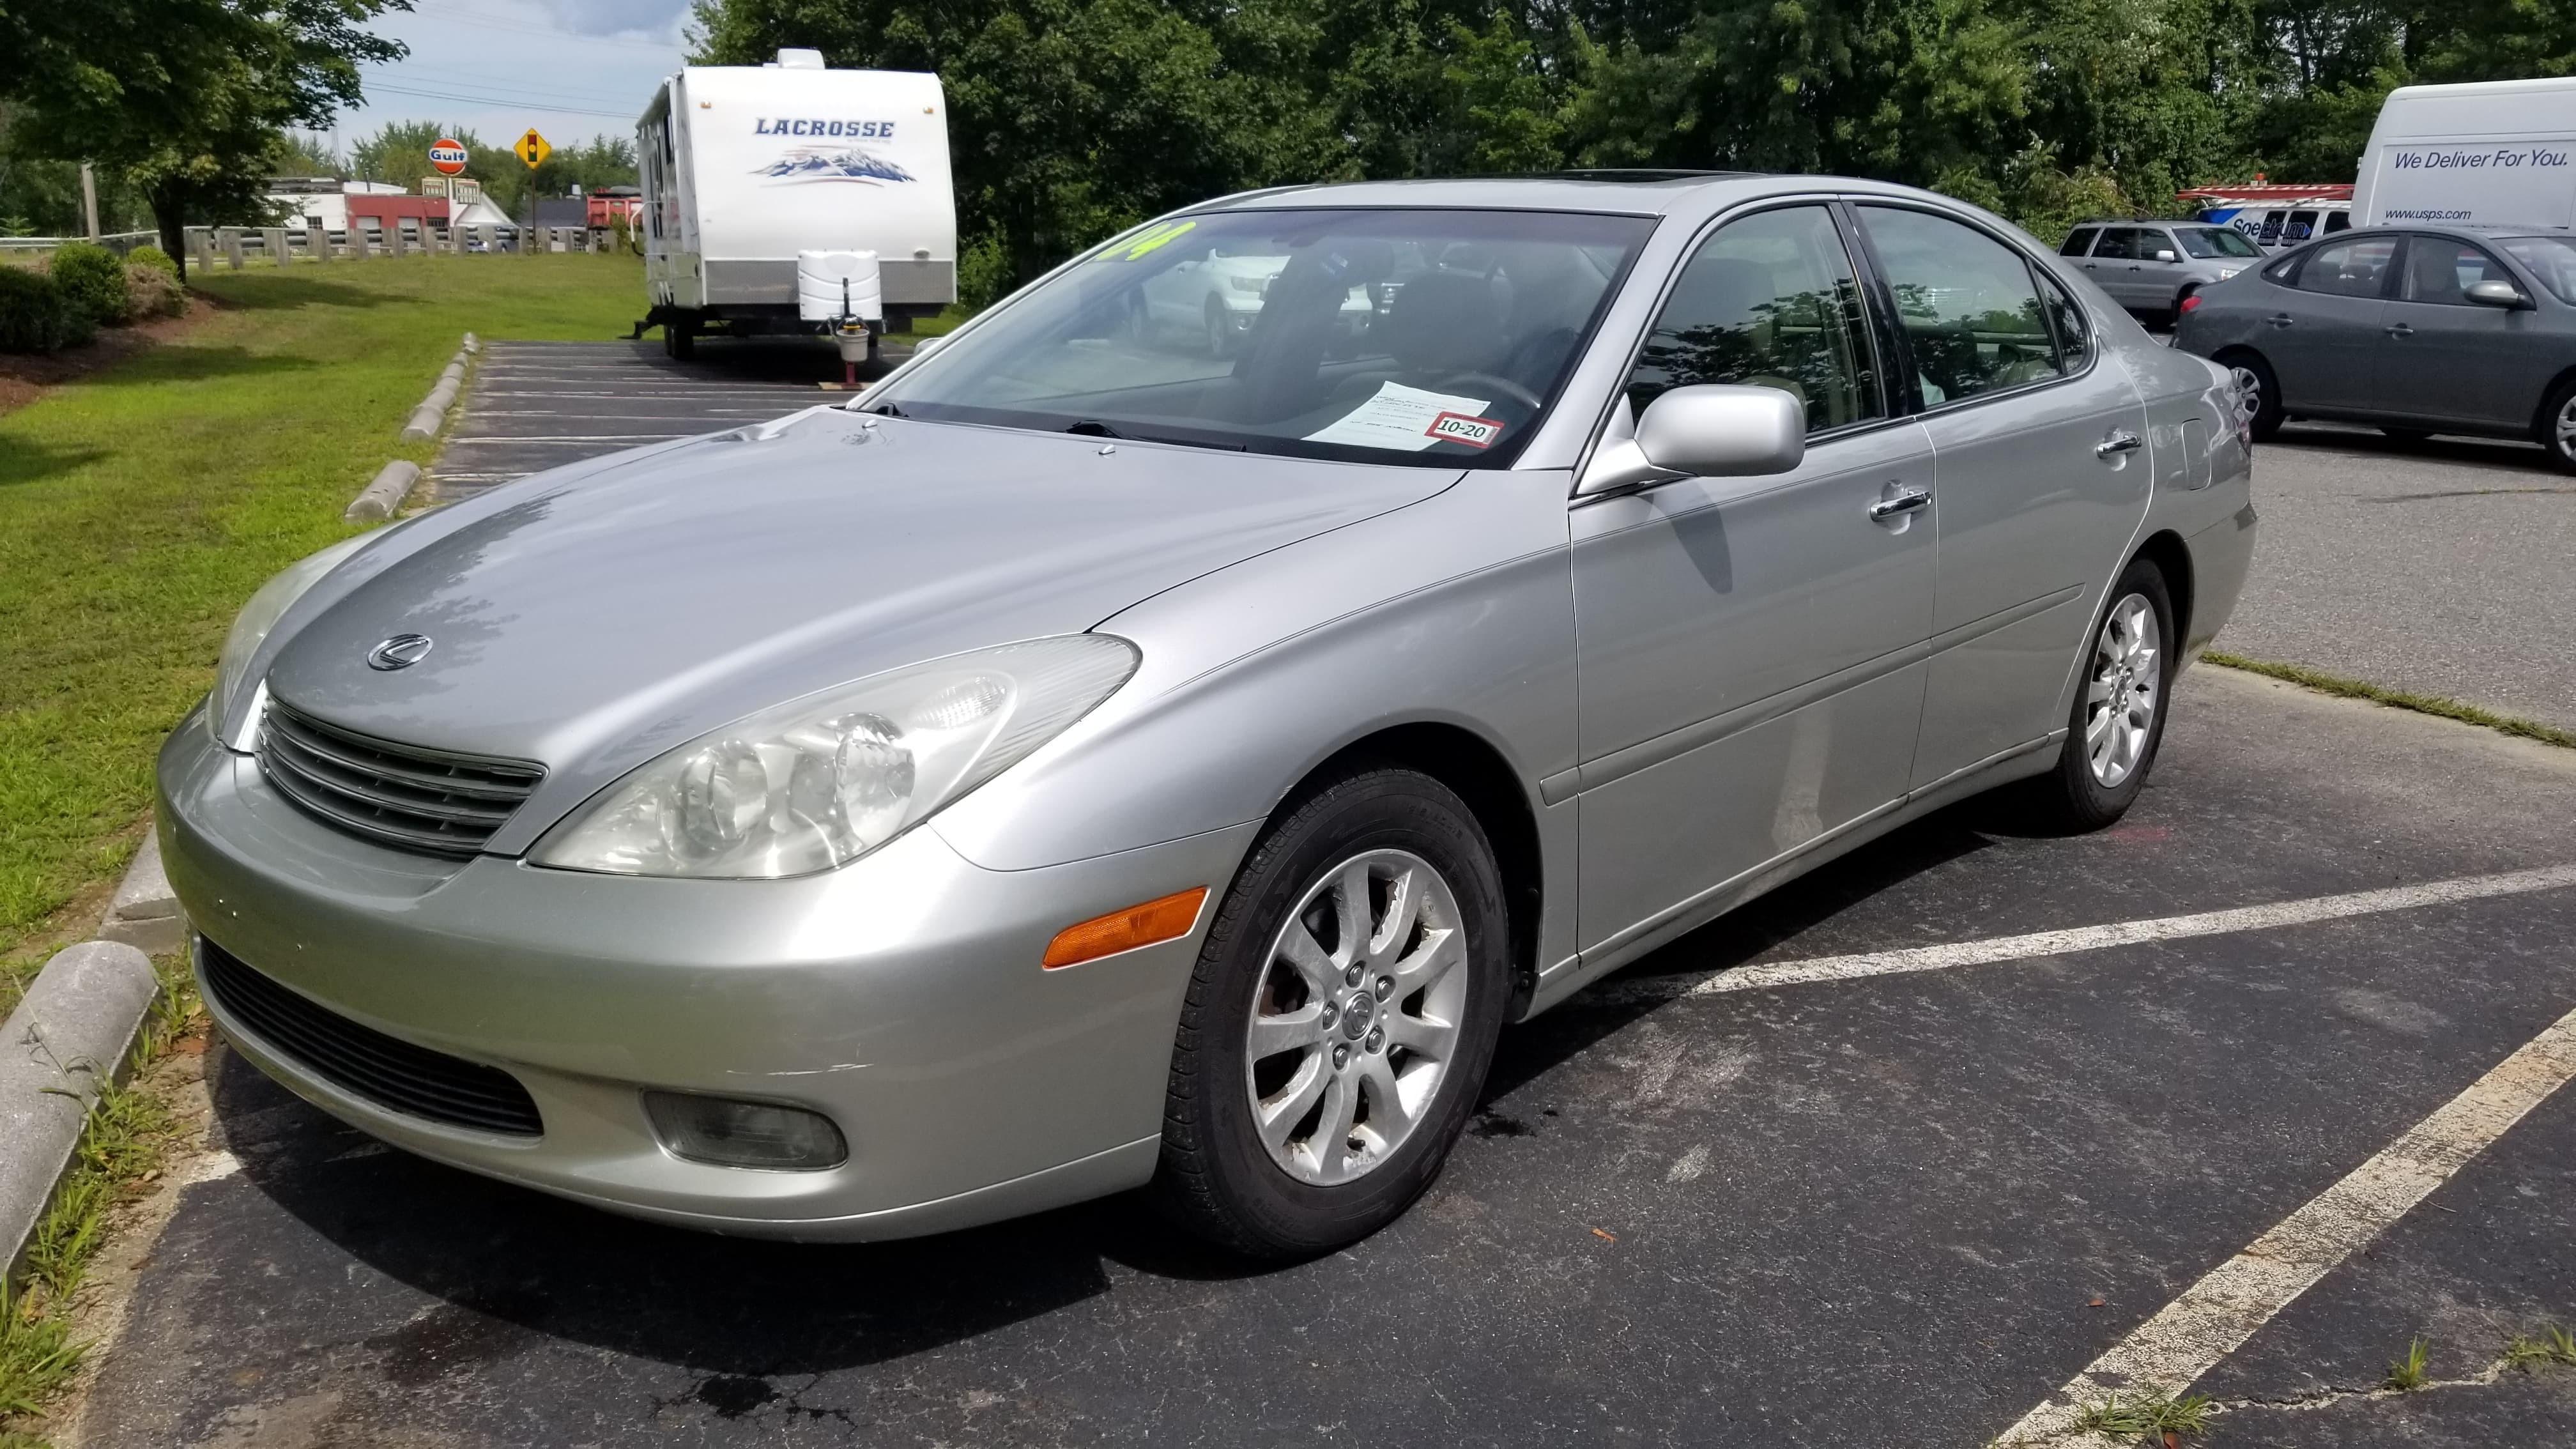 2004 Lexus ES300 w/ Sunroof!